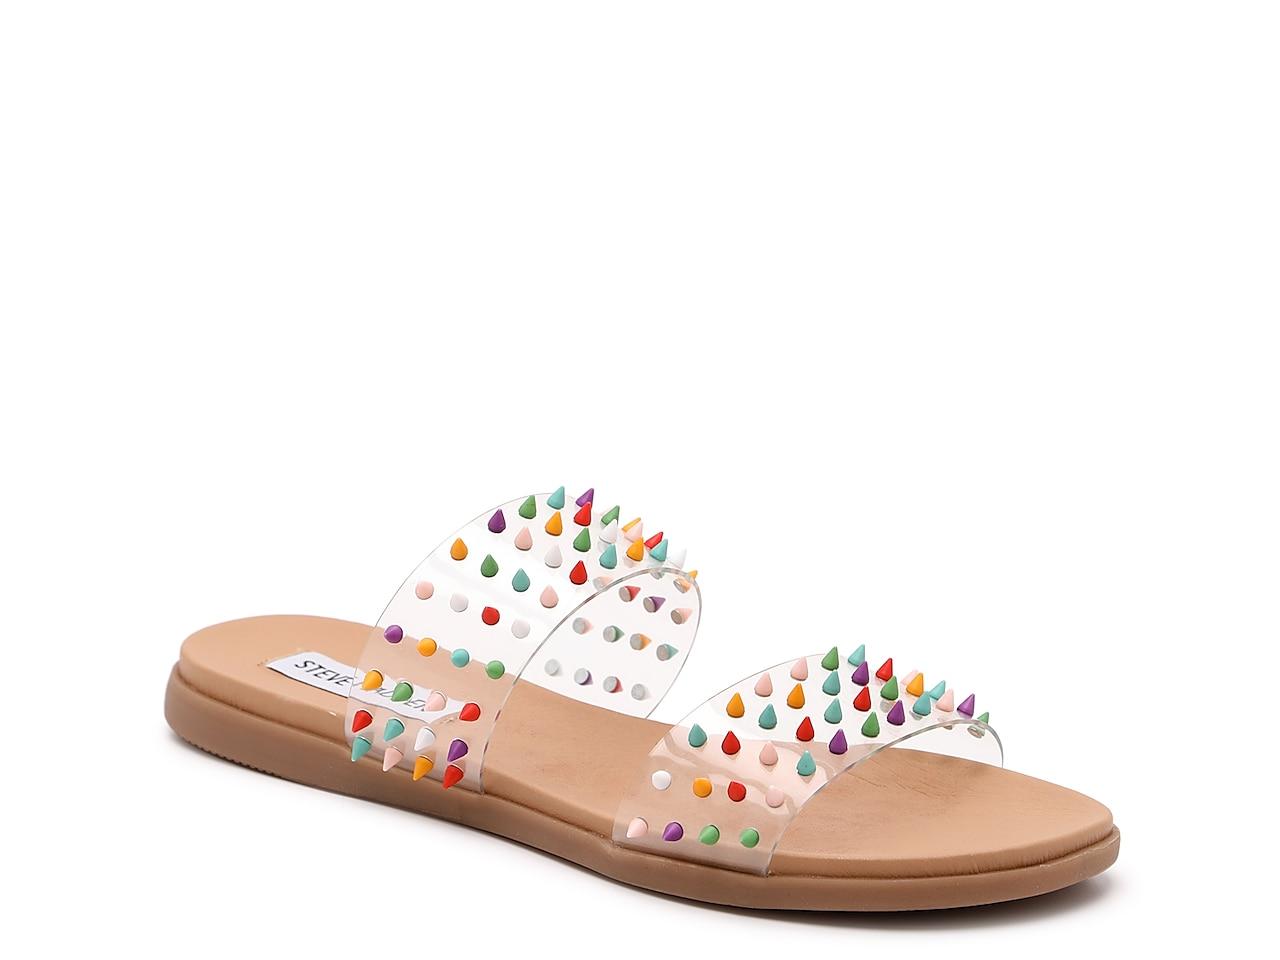 Blizie Sandal